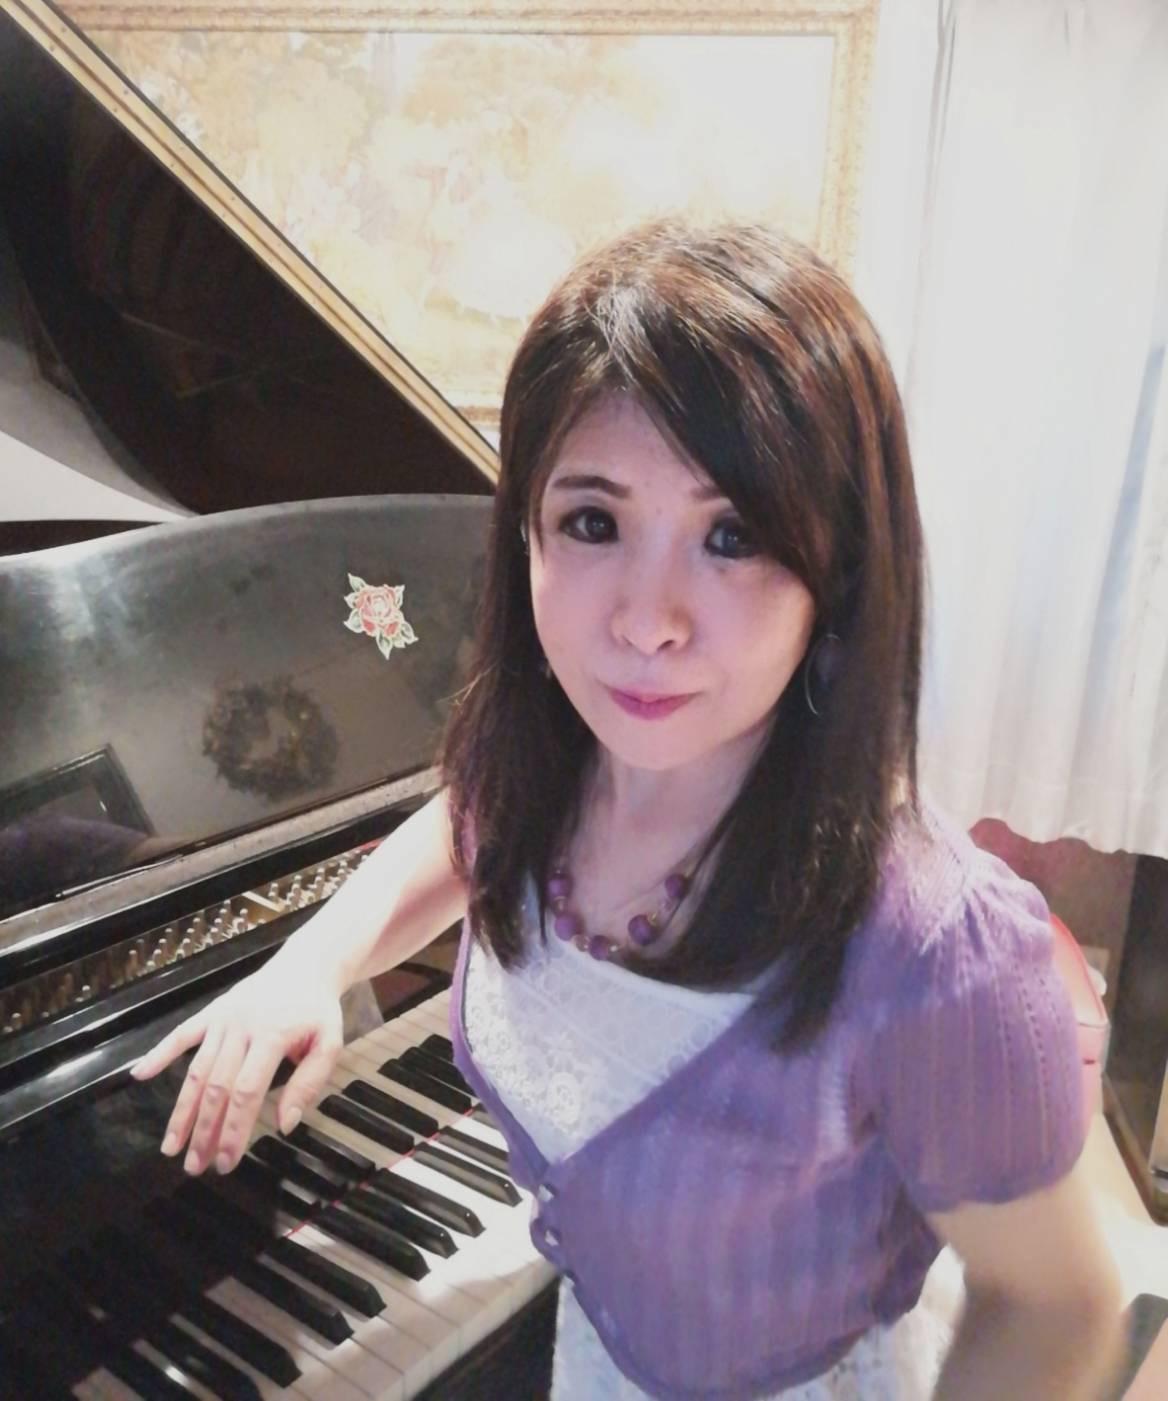 ピアノレッスン 音楽は国境も距離も超えられる!